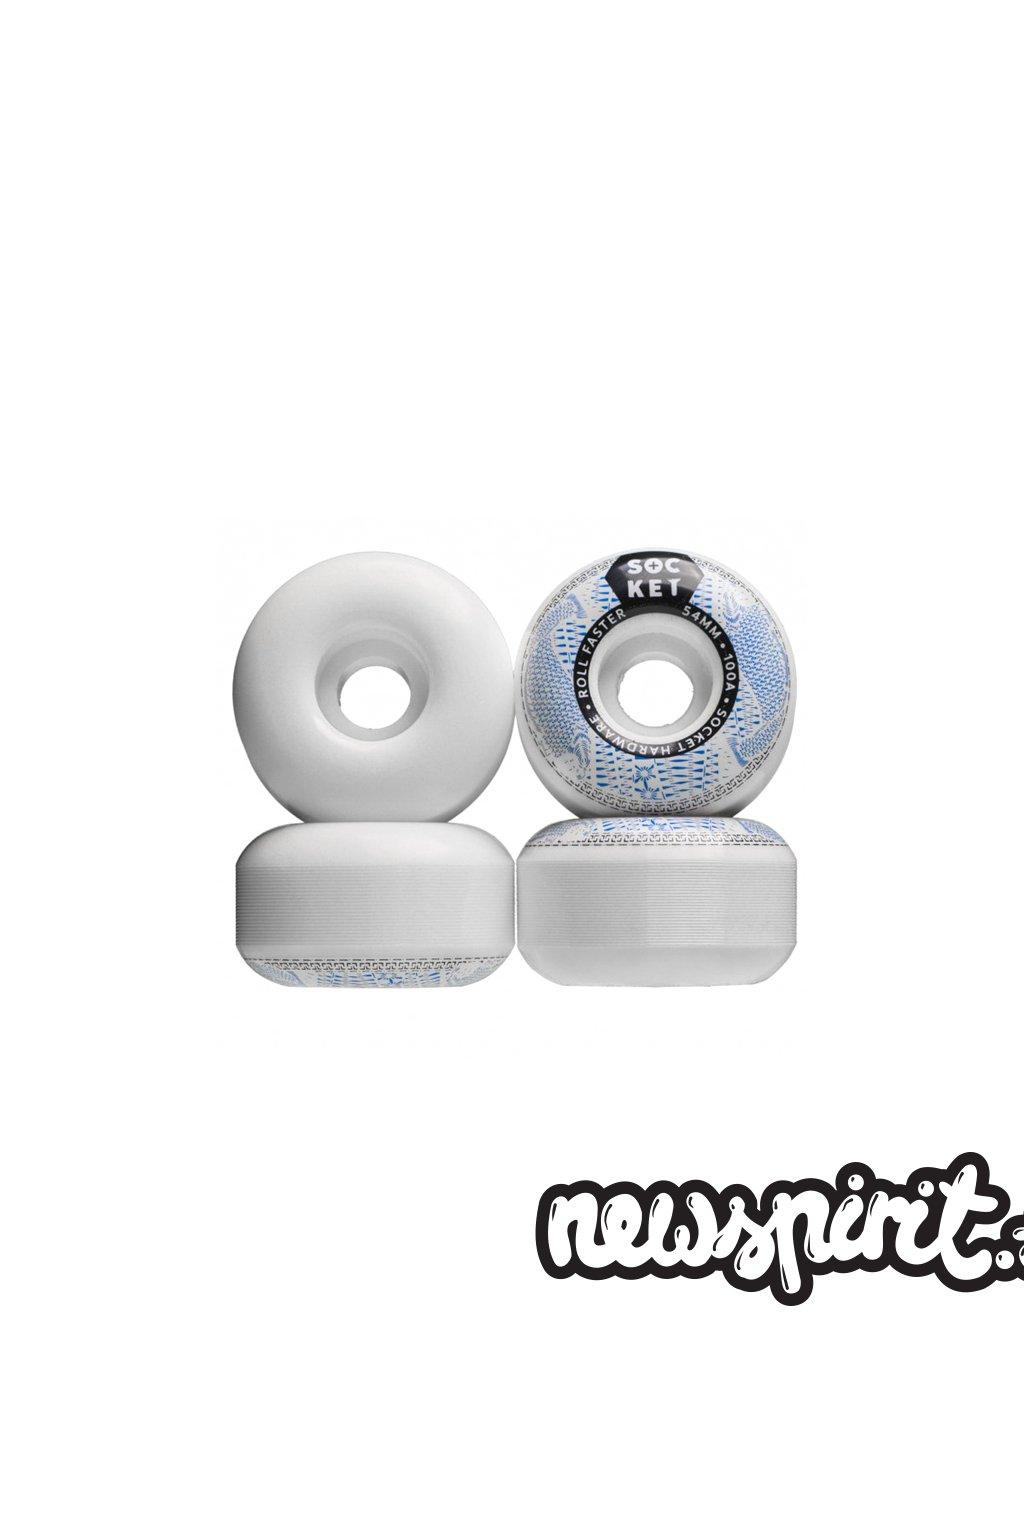 tvrda socket onezerozero s1 51952372 3 thumb 1 54